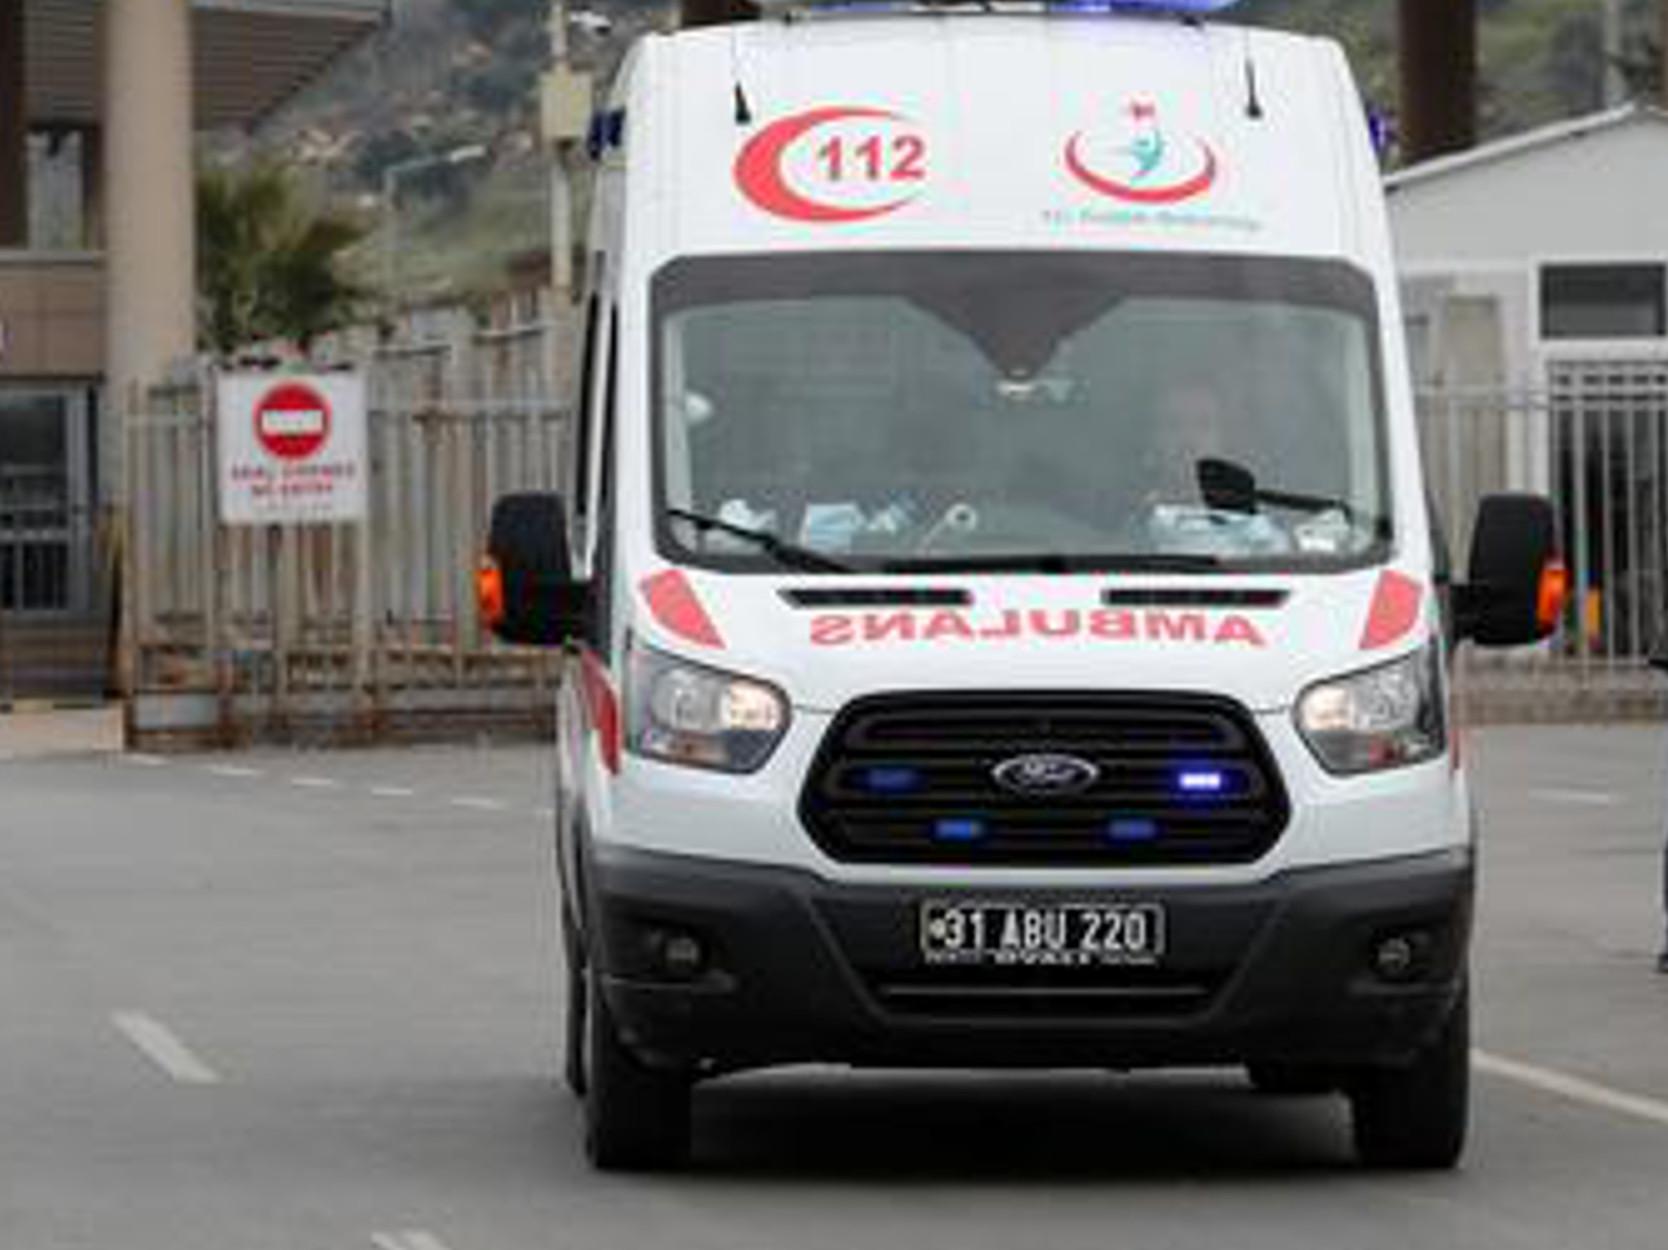 Τουρκία: Λεωφορείο έπεσε σε χαντάκι και πήρε φωτιά! 12 νεκροί